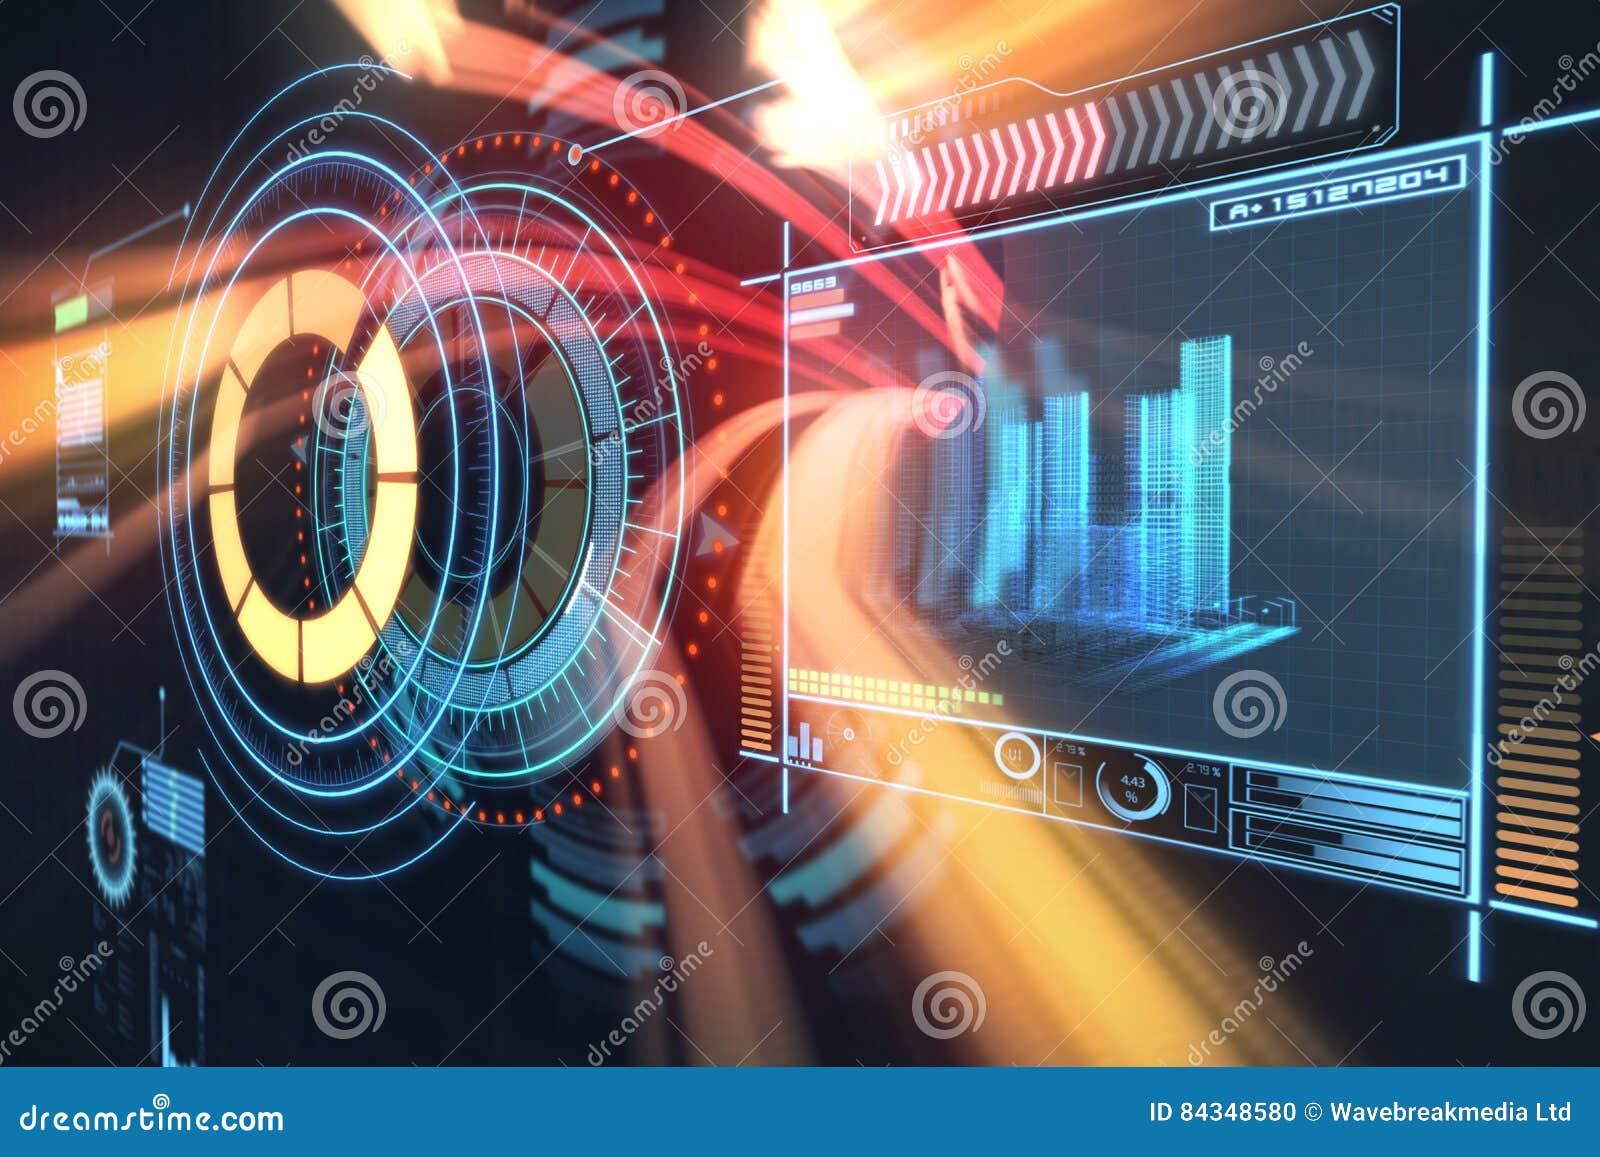 Imagem composta da imagem digitalmente gerada do botão do volume com dados gráficos 3d